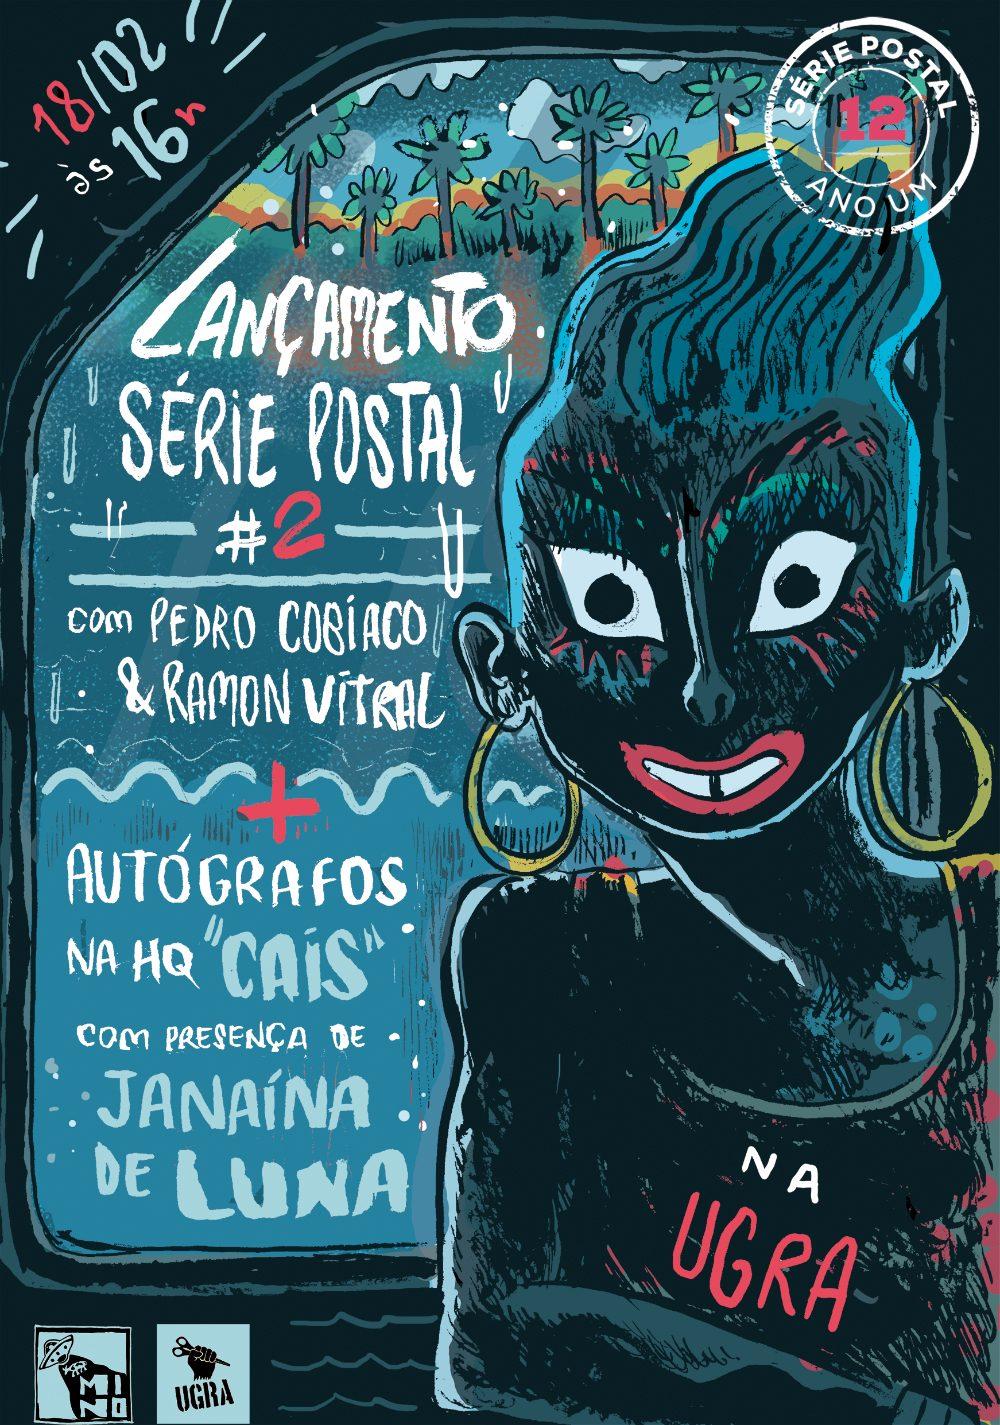 Série Postal: o cartaz produzido por Pedro Cobiaco para o lançamento do segundo número da coleção